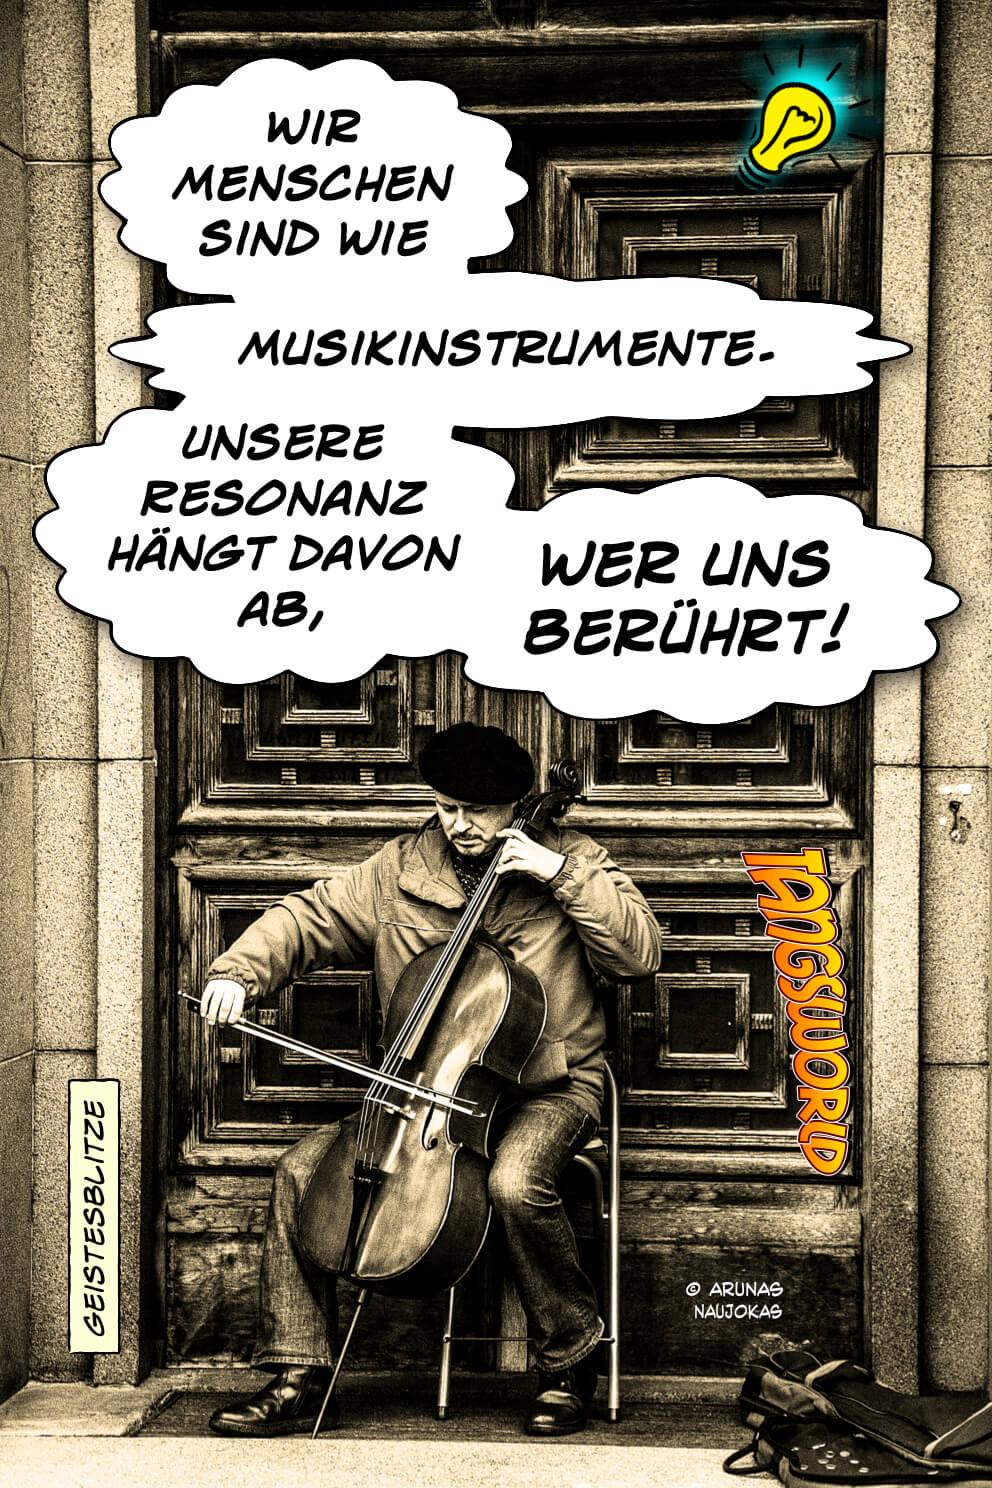 Wir Menschen sind wie Musikinstrumente. Unsere Resonanz hängt davon ab, wer uns berührt. - Geistesblitze